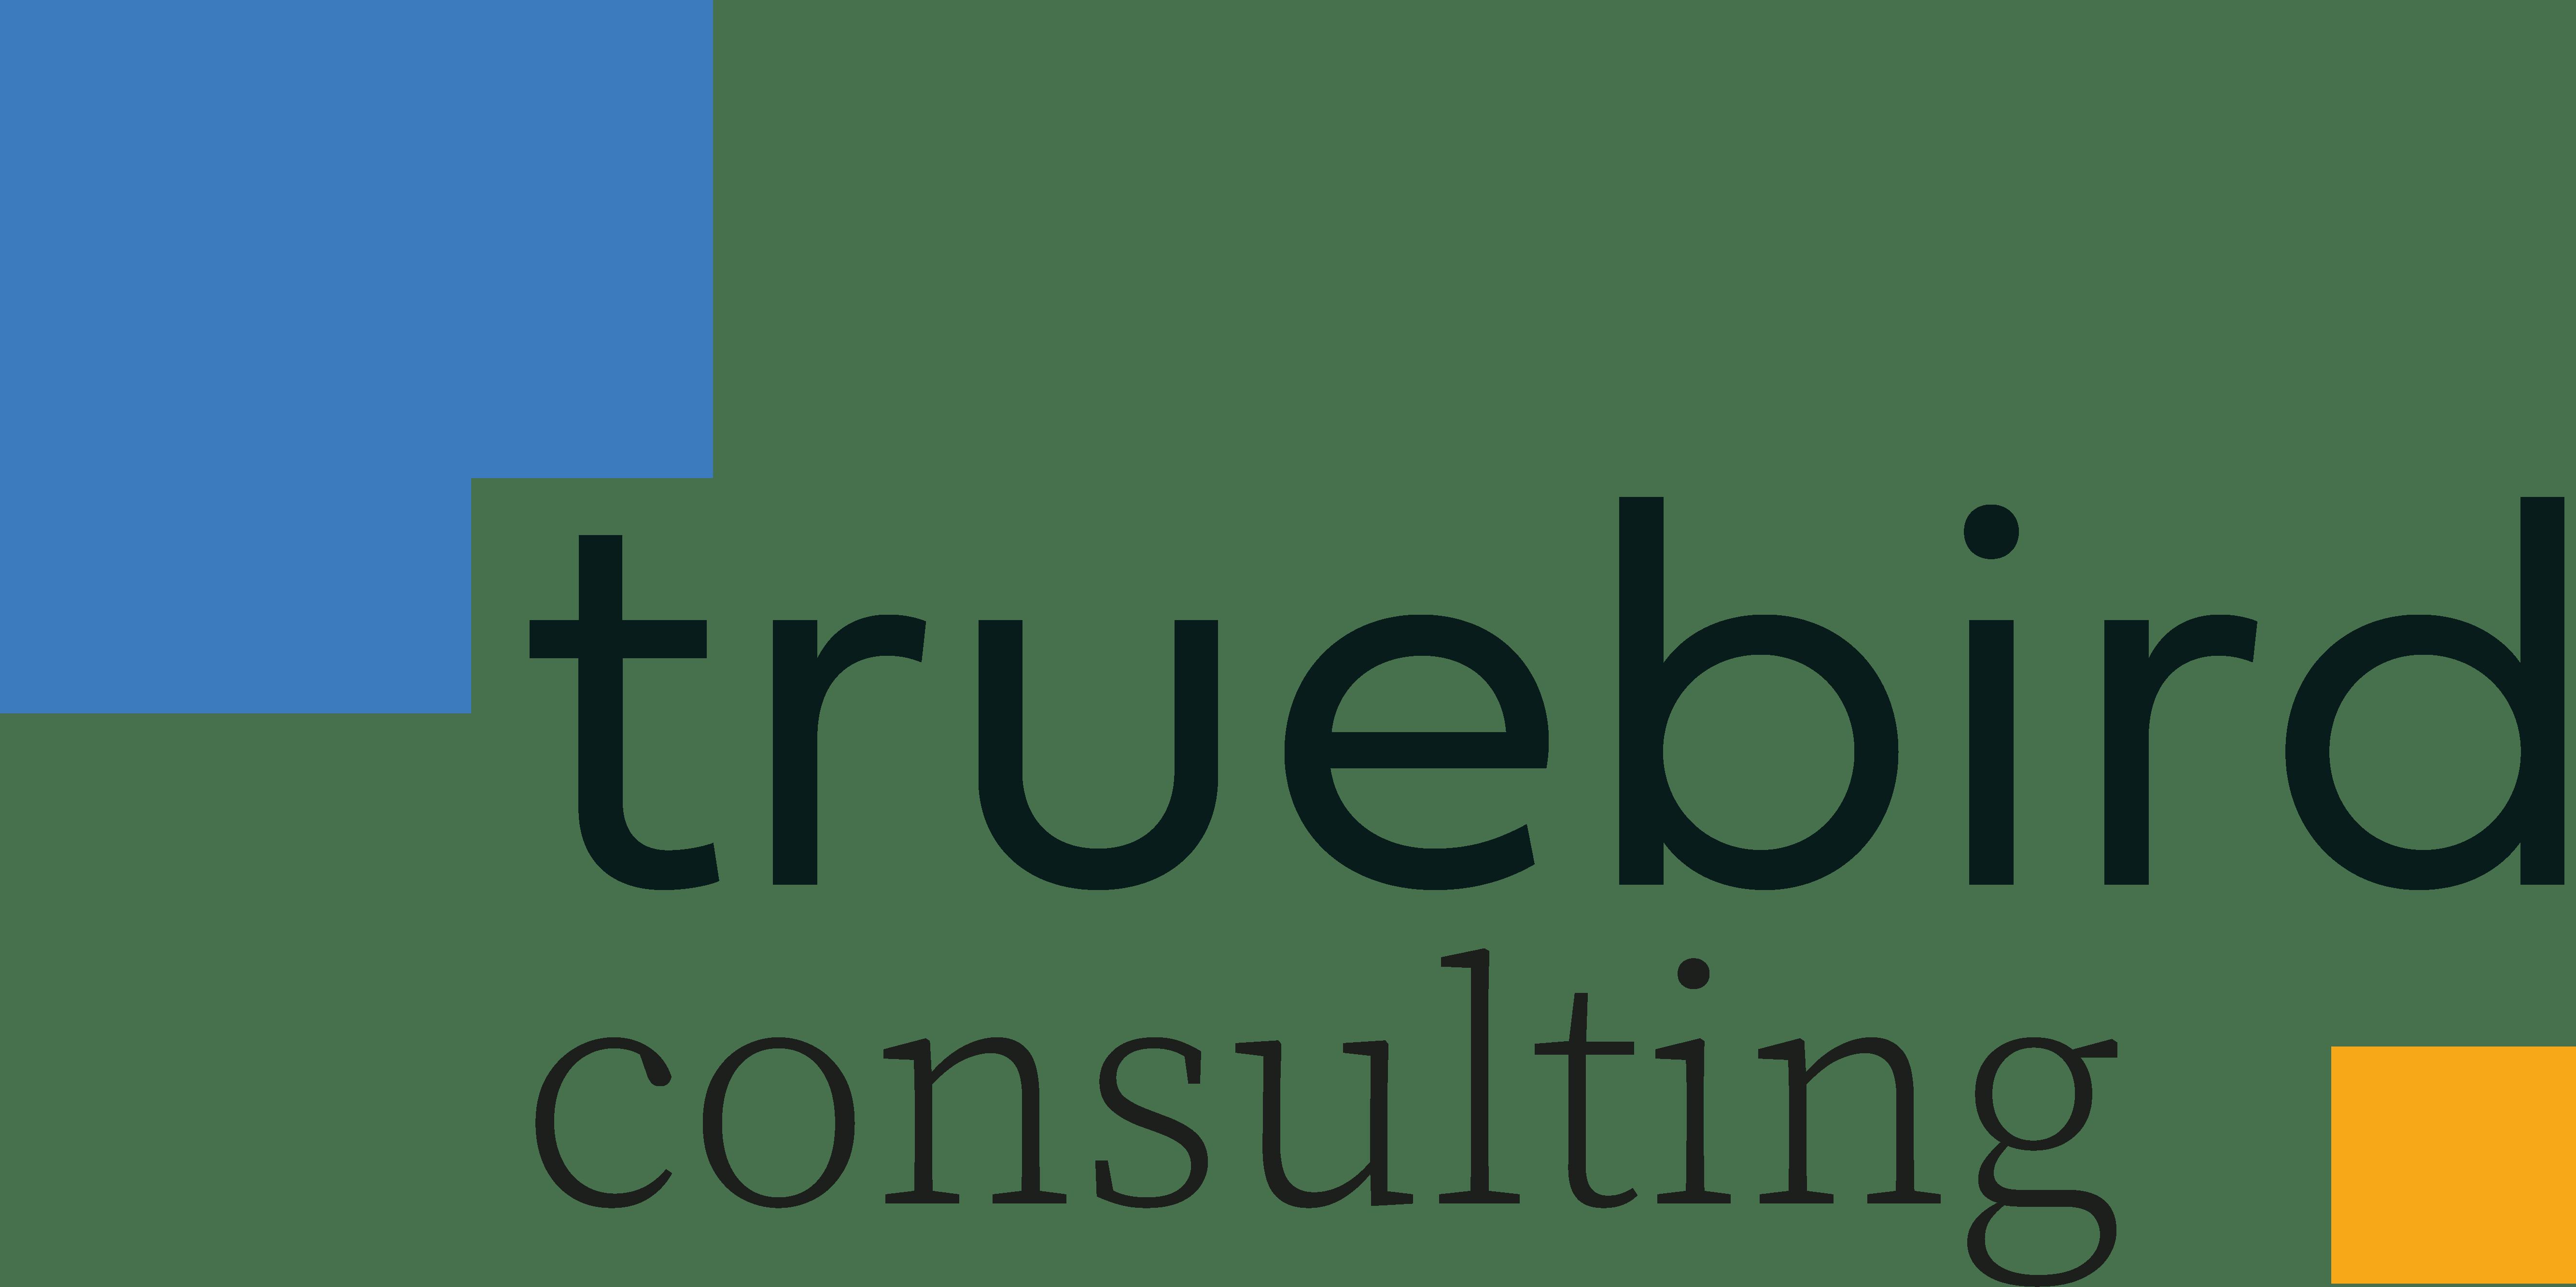 truebird consulting | Thomas R. Vogel